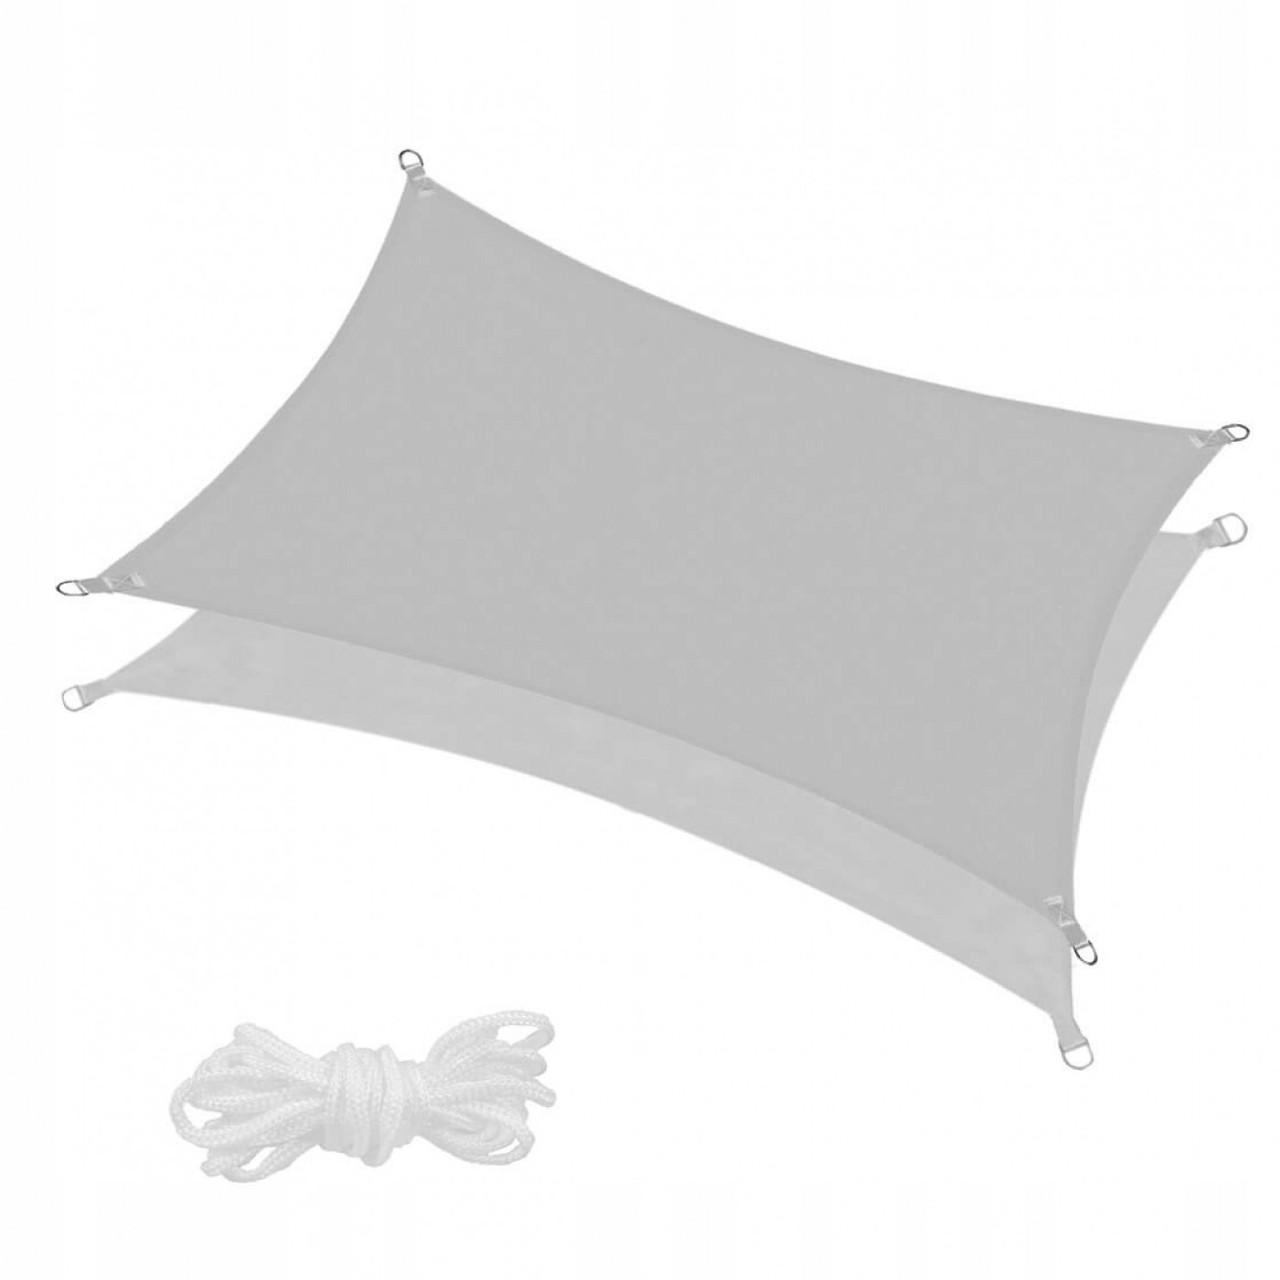 Тент-парус тіньової для дому, саду та туризму Springos 4 x 3 м SN1046 Grey